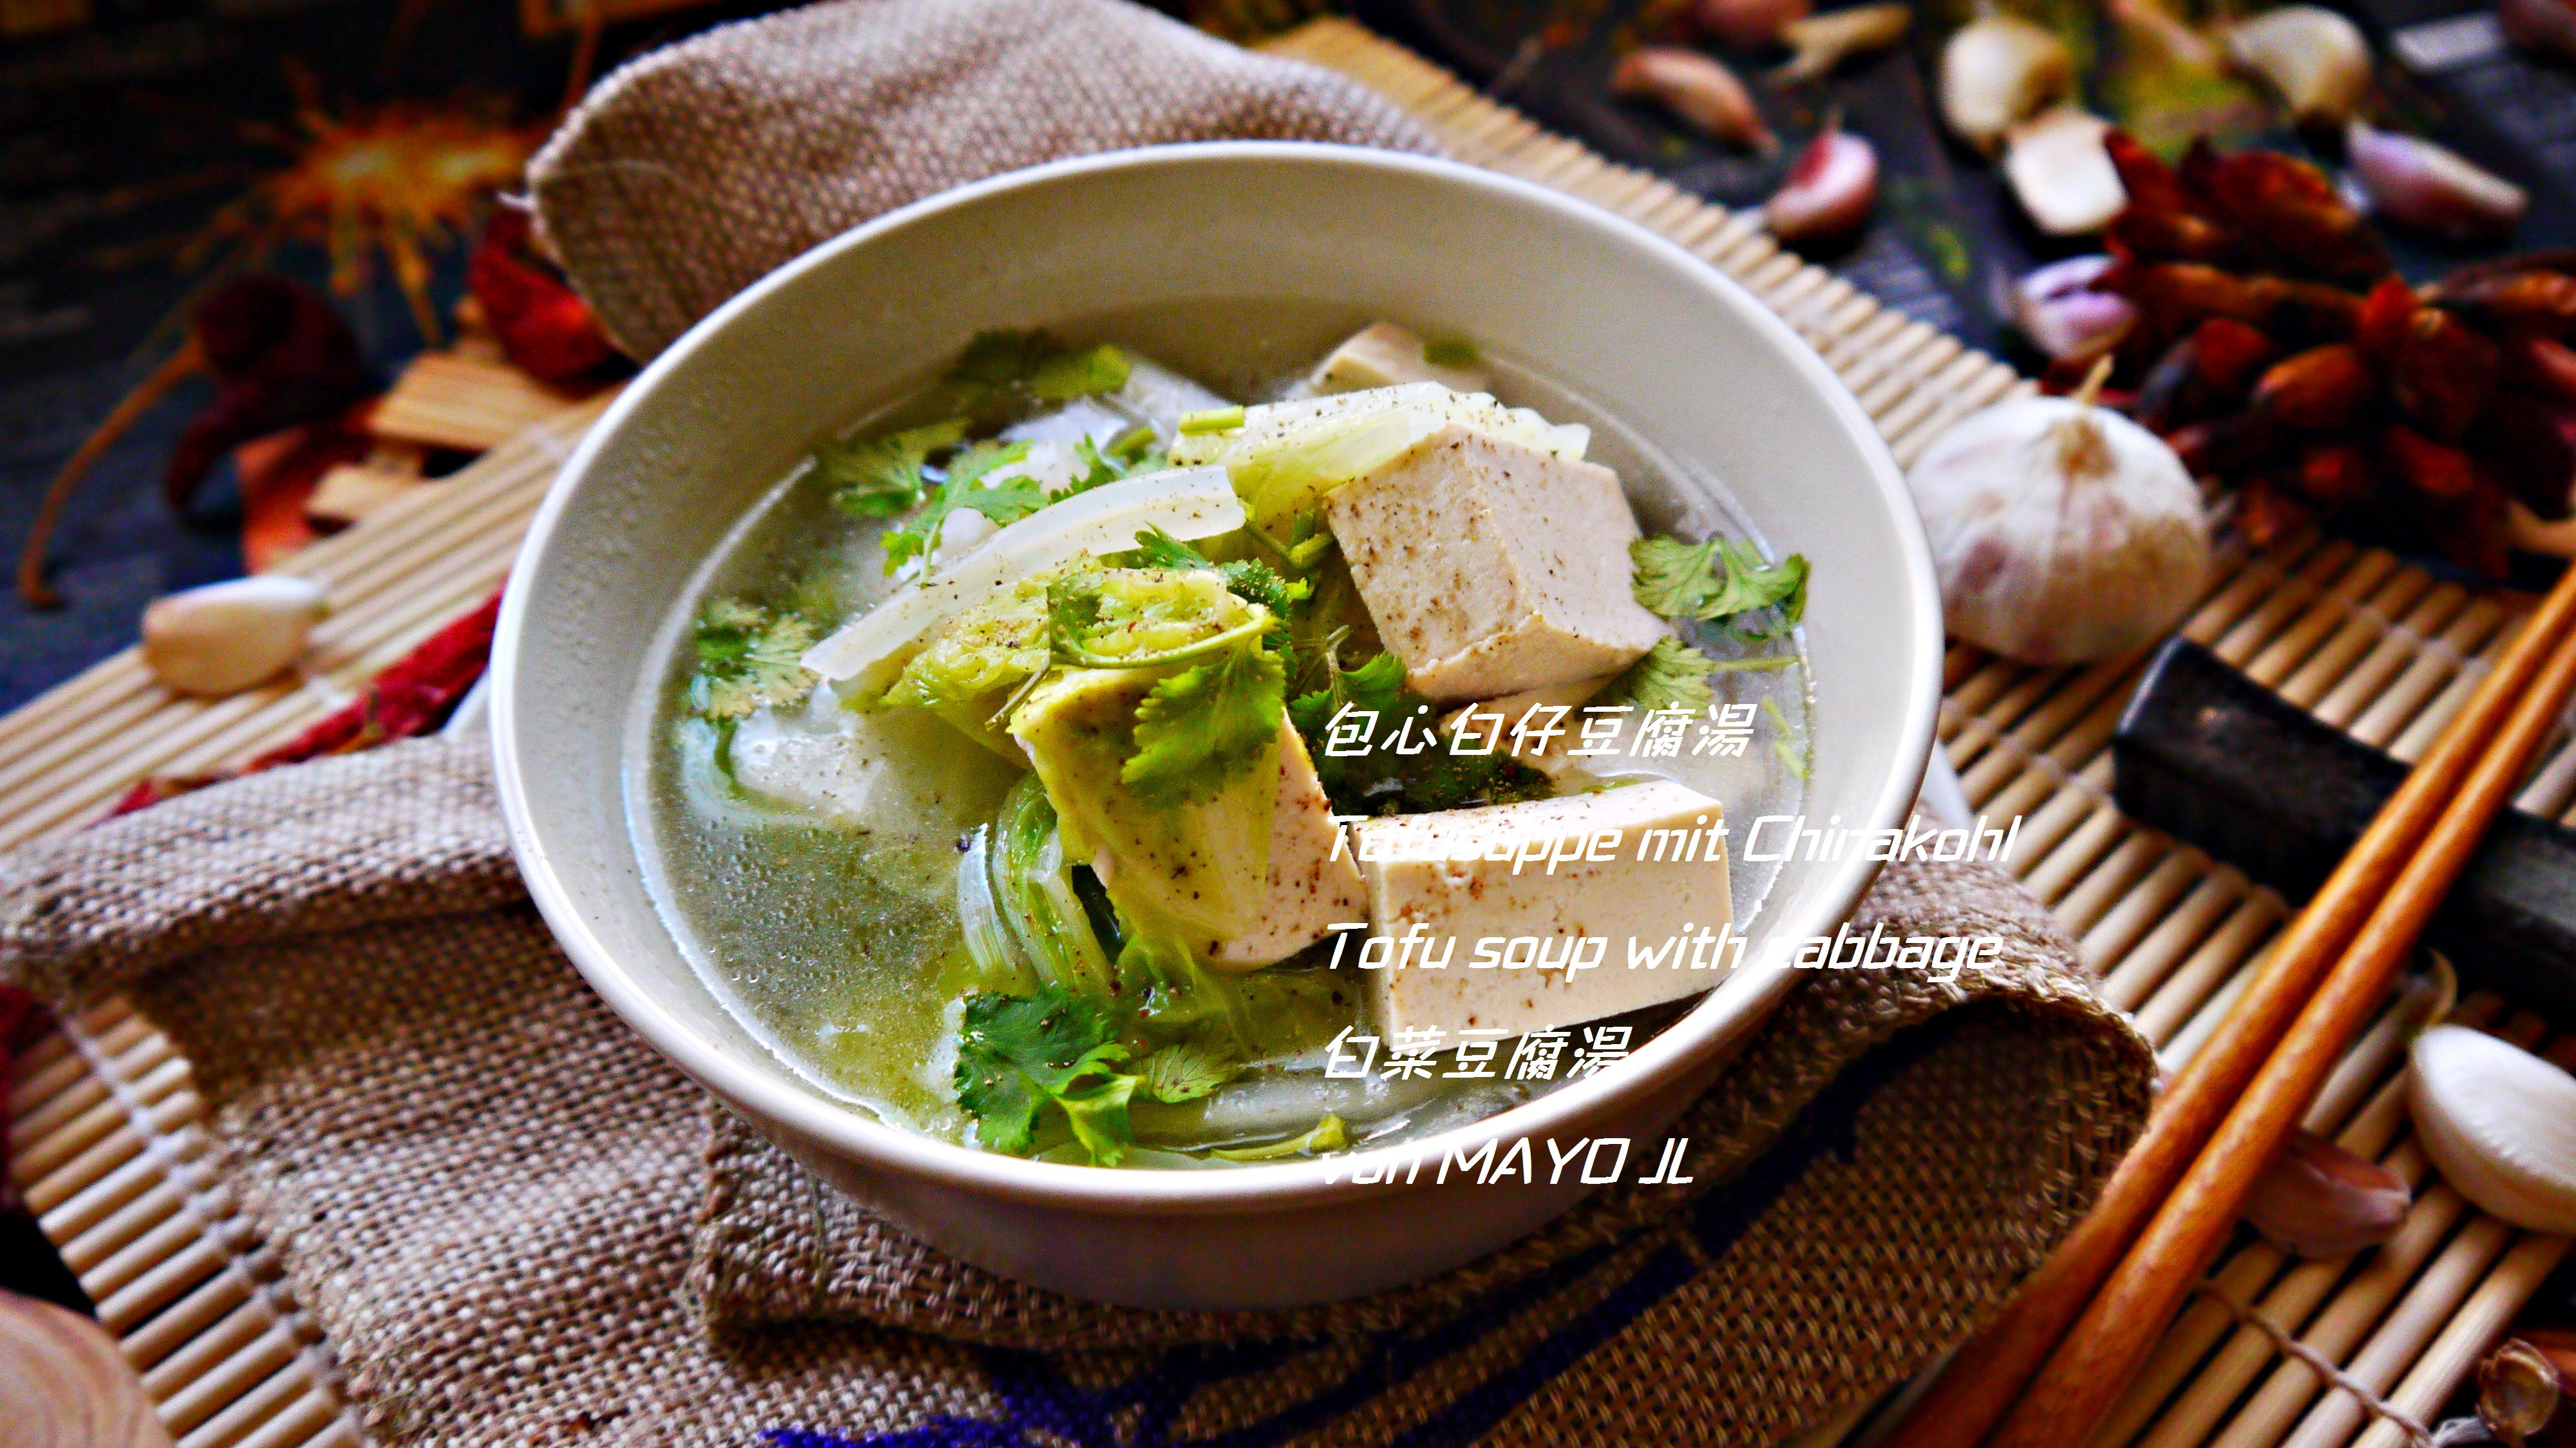 包心白仔豆腐湯